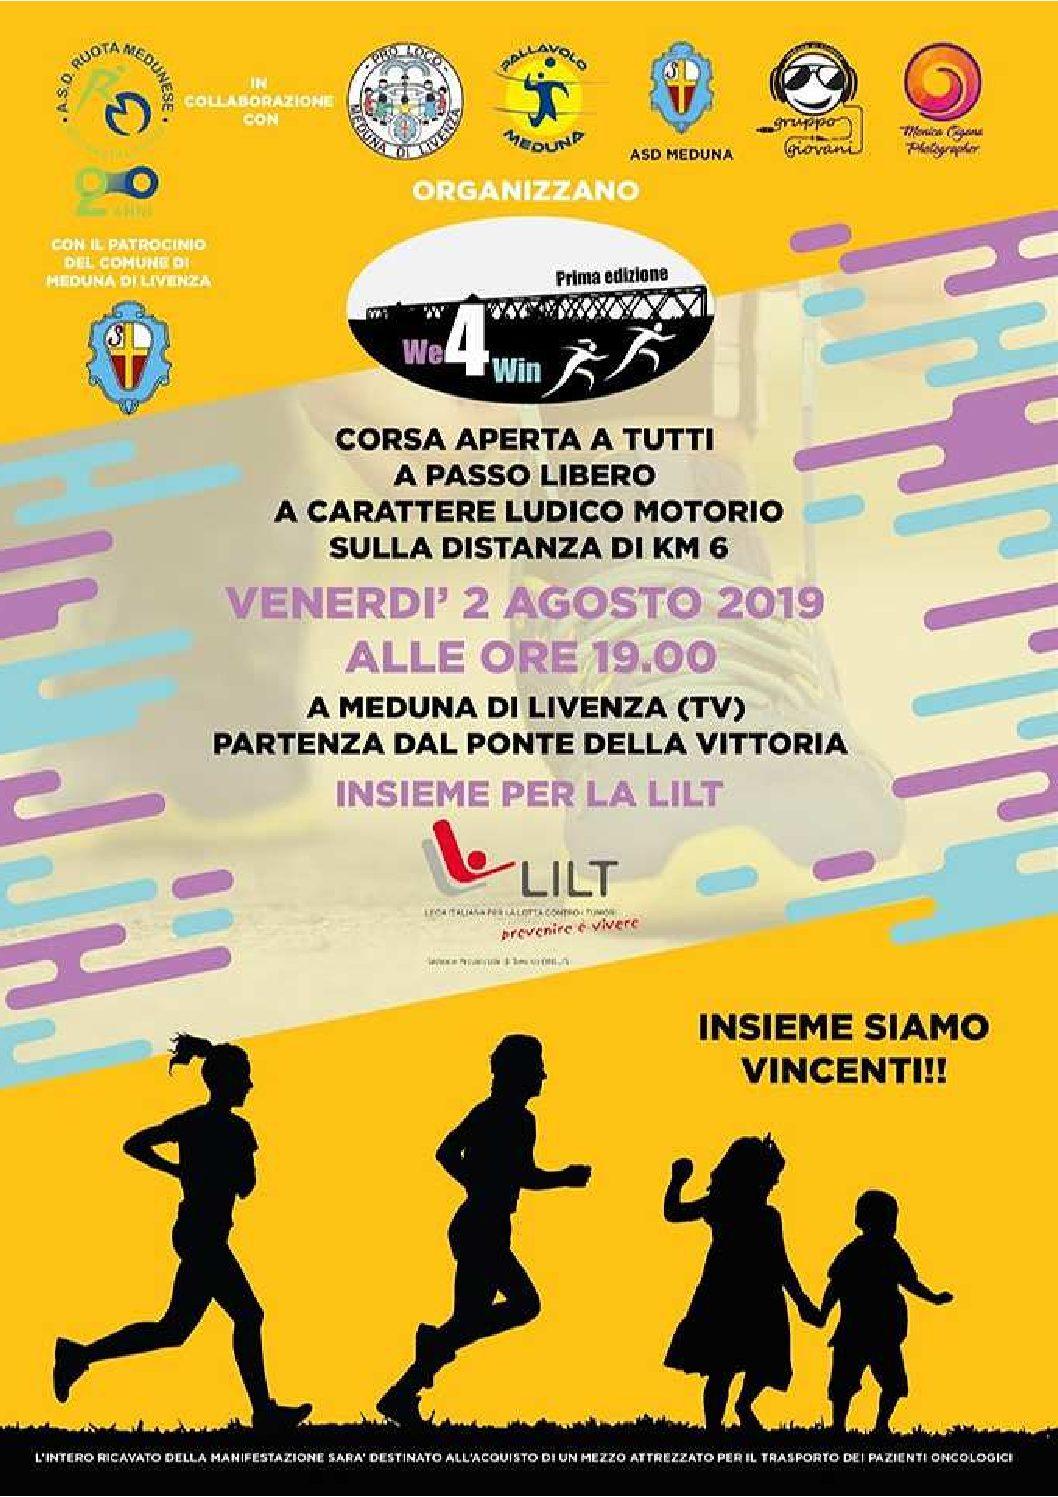 Meduna di Livenza 02.08.2019